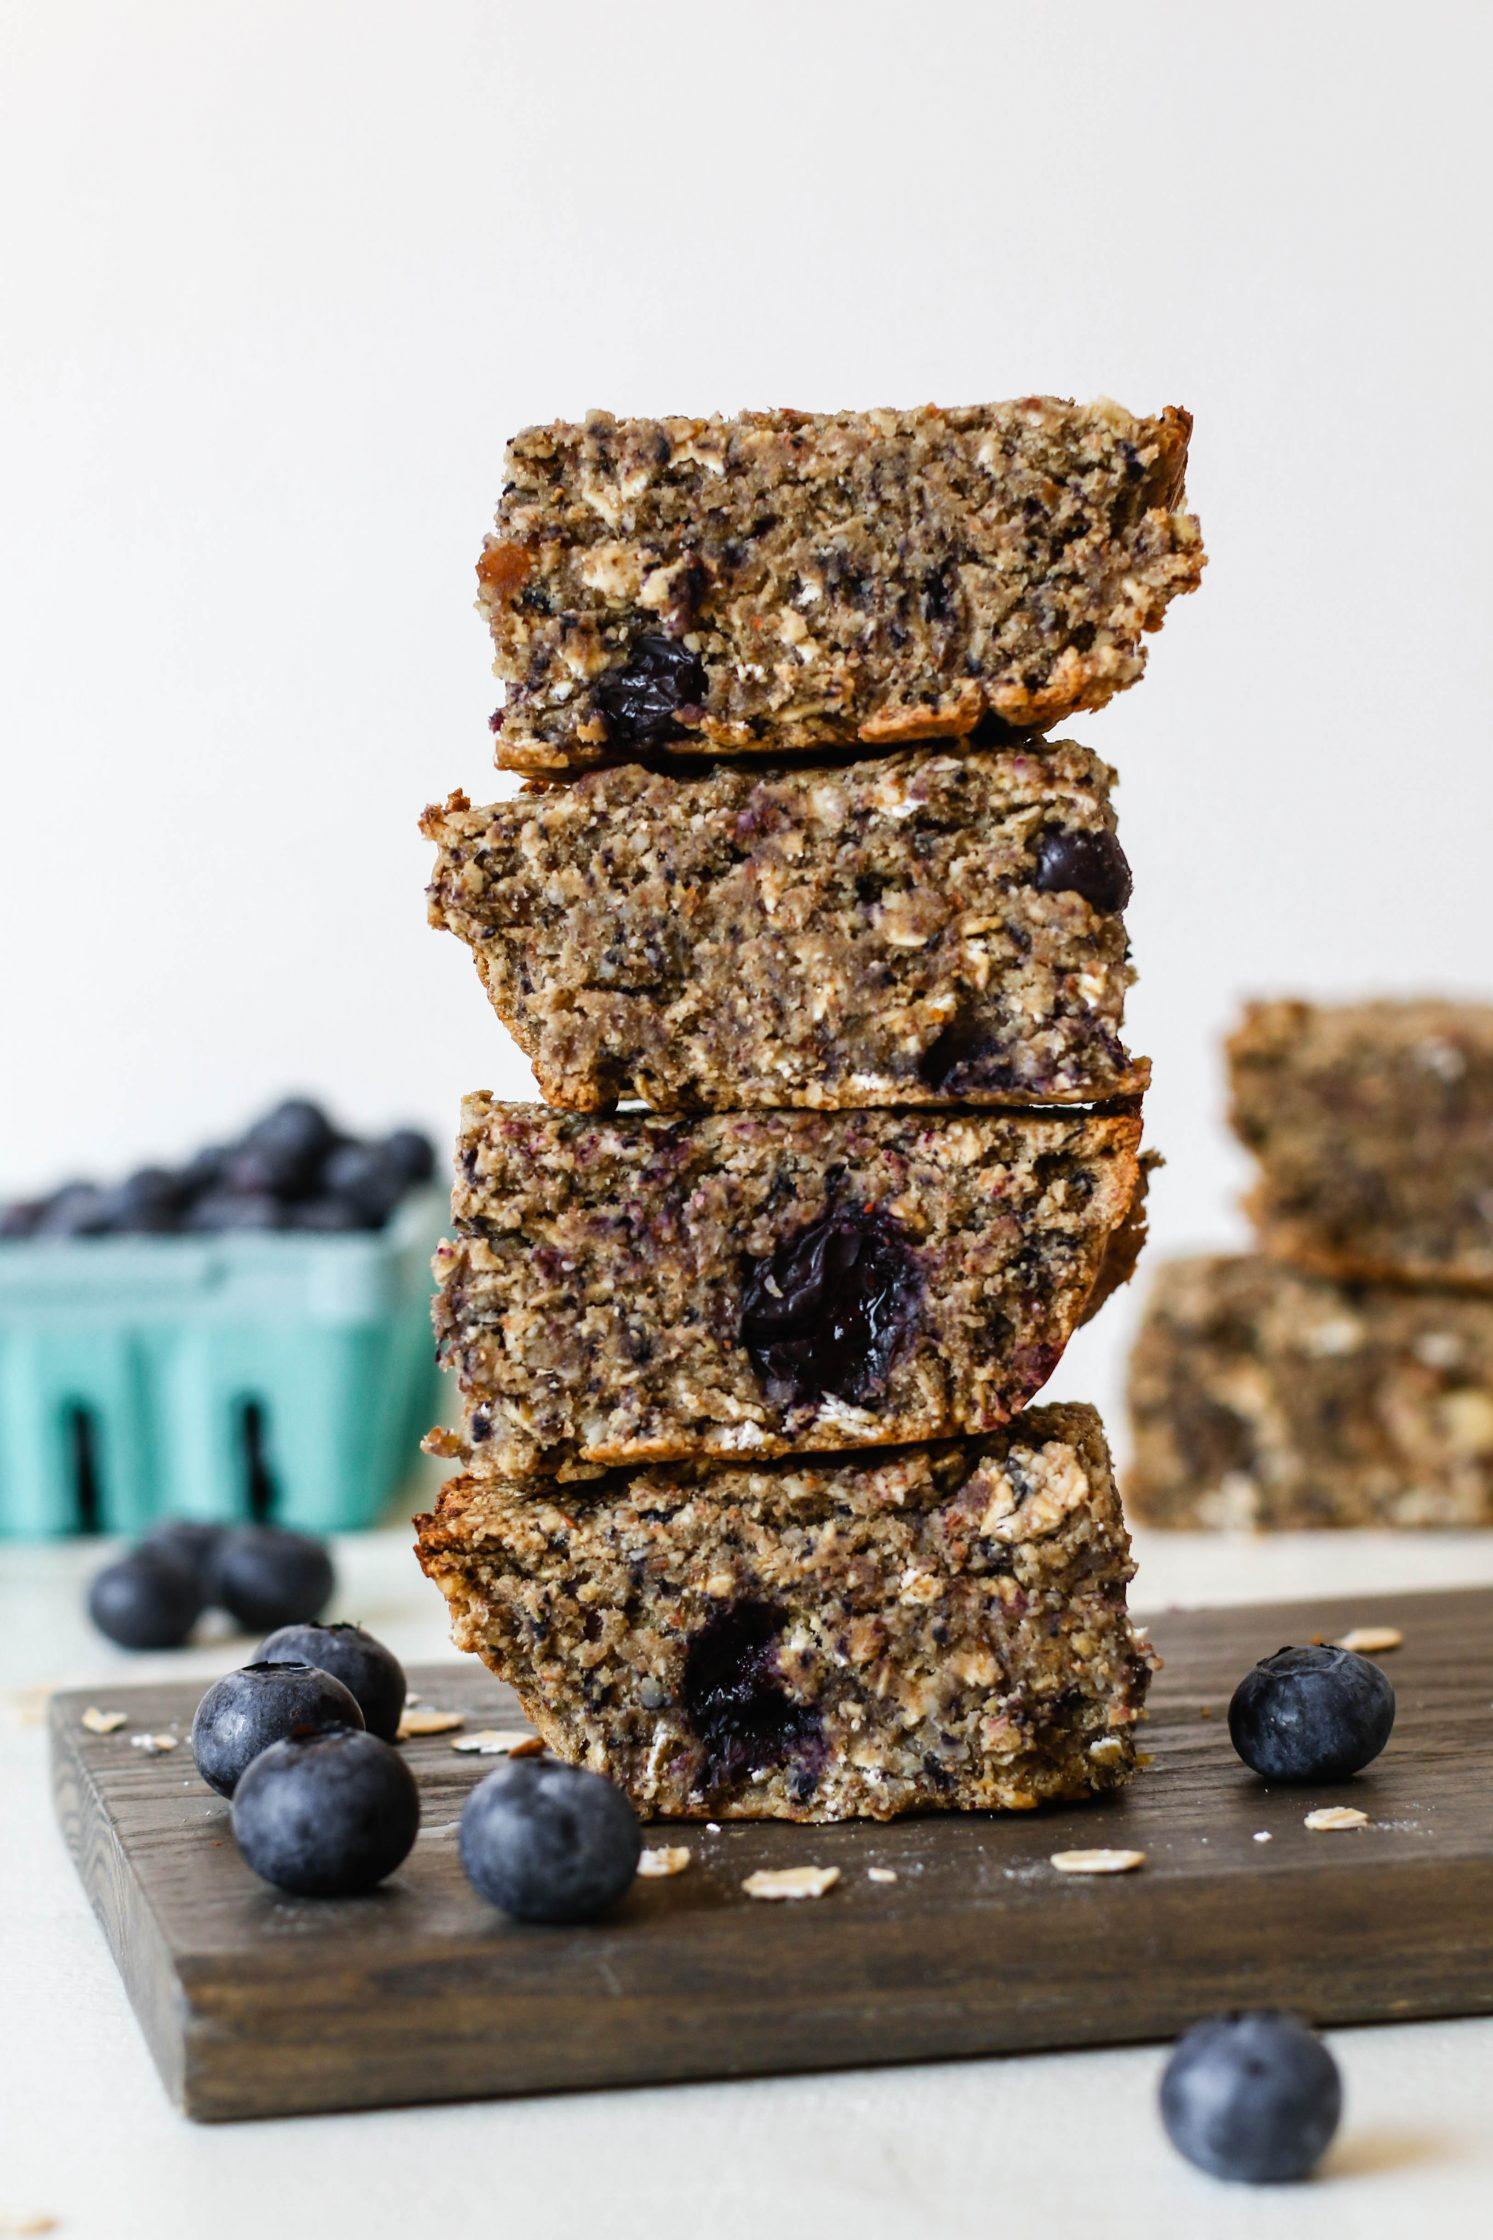 Blueberry Maple Baked Breakfast Bars by Flora & Vino